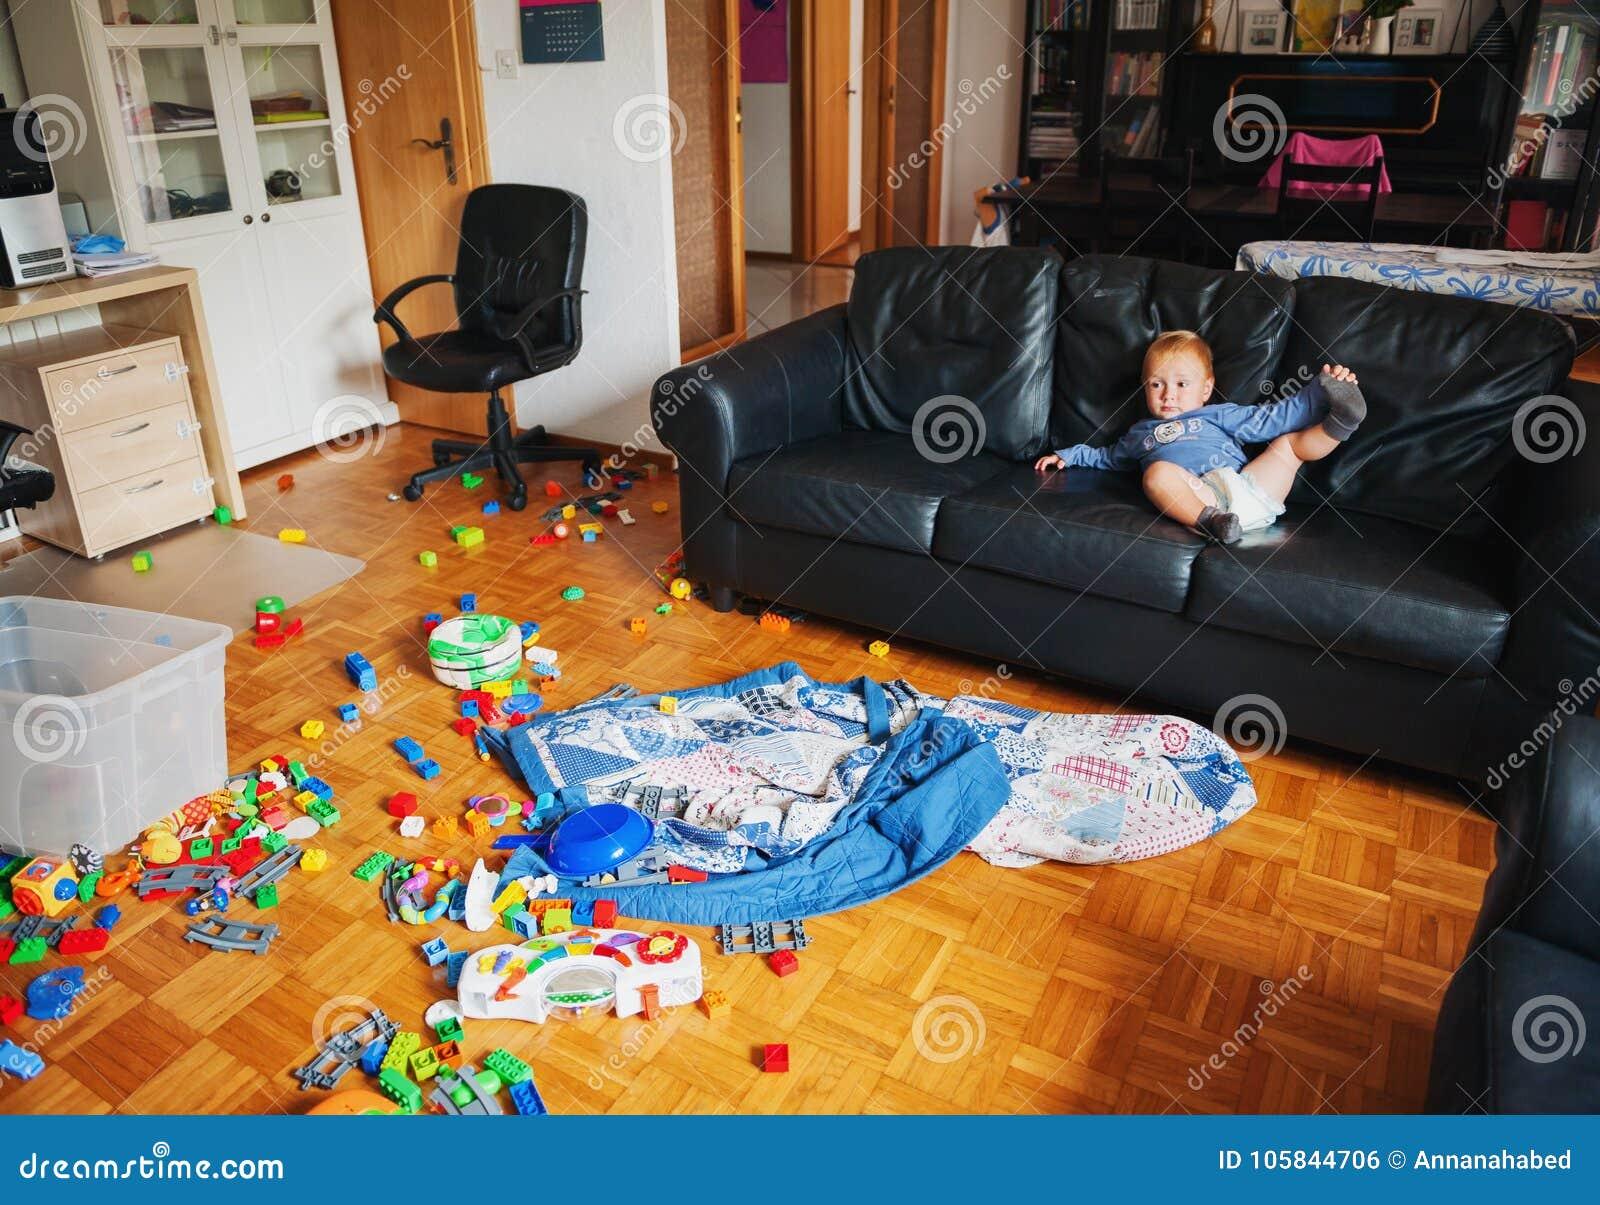 Neonato di 1 anno adorabile con espressione facciale divertente che gioca in un salone molto sudicio